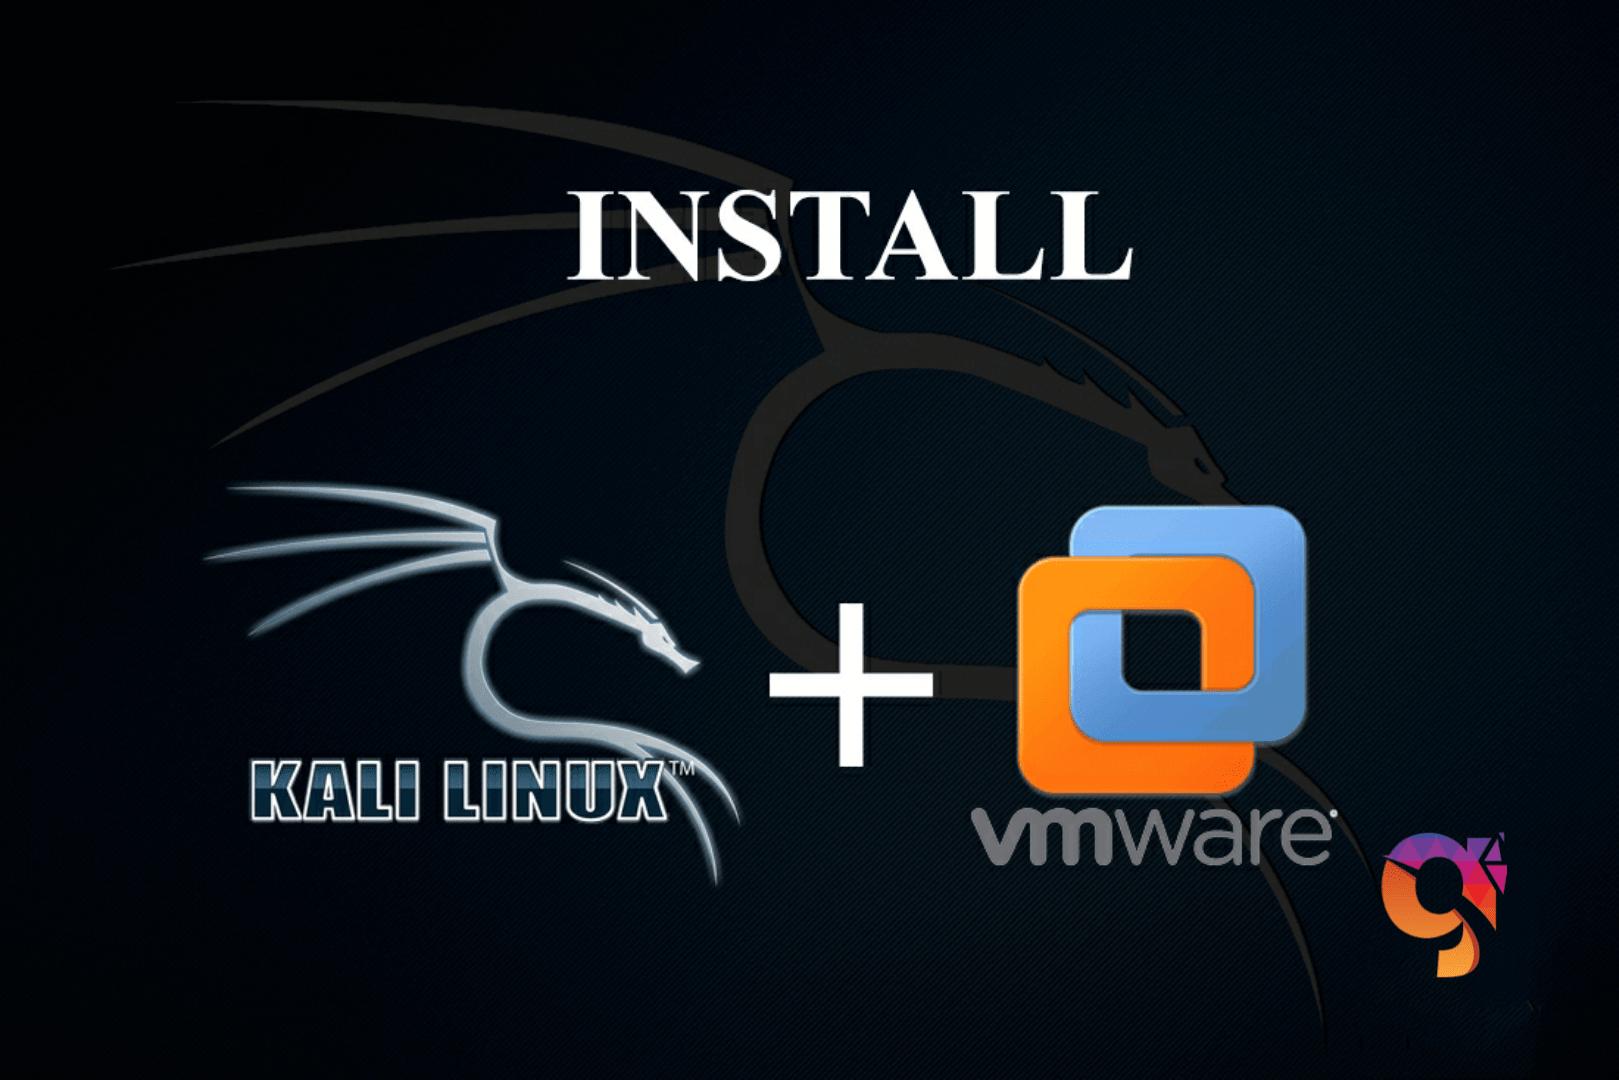 Install kali linux 2020.3 in vm ware